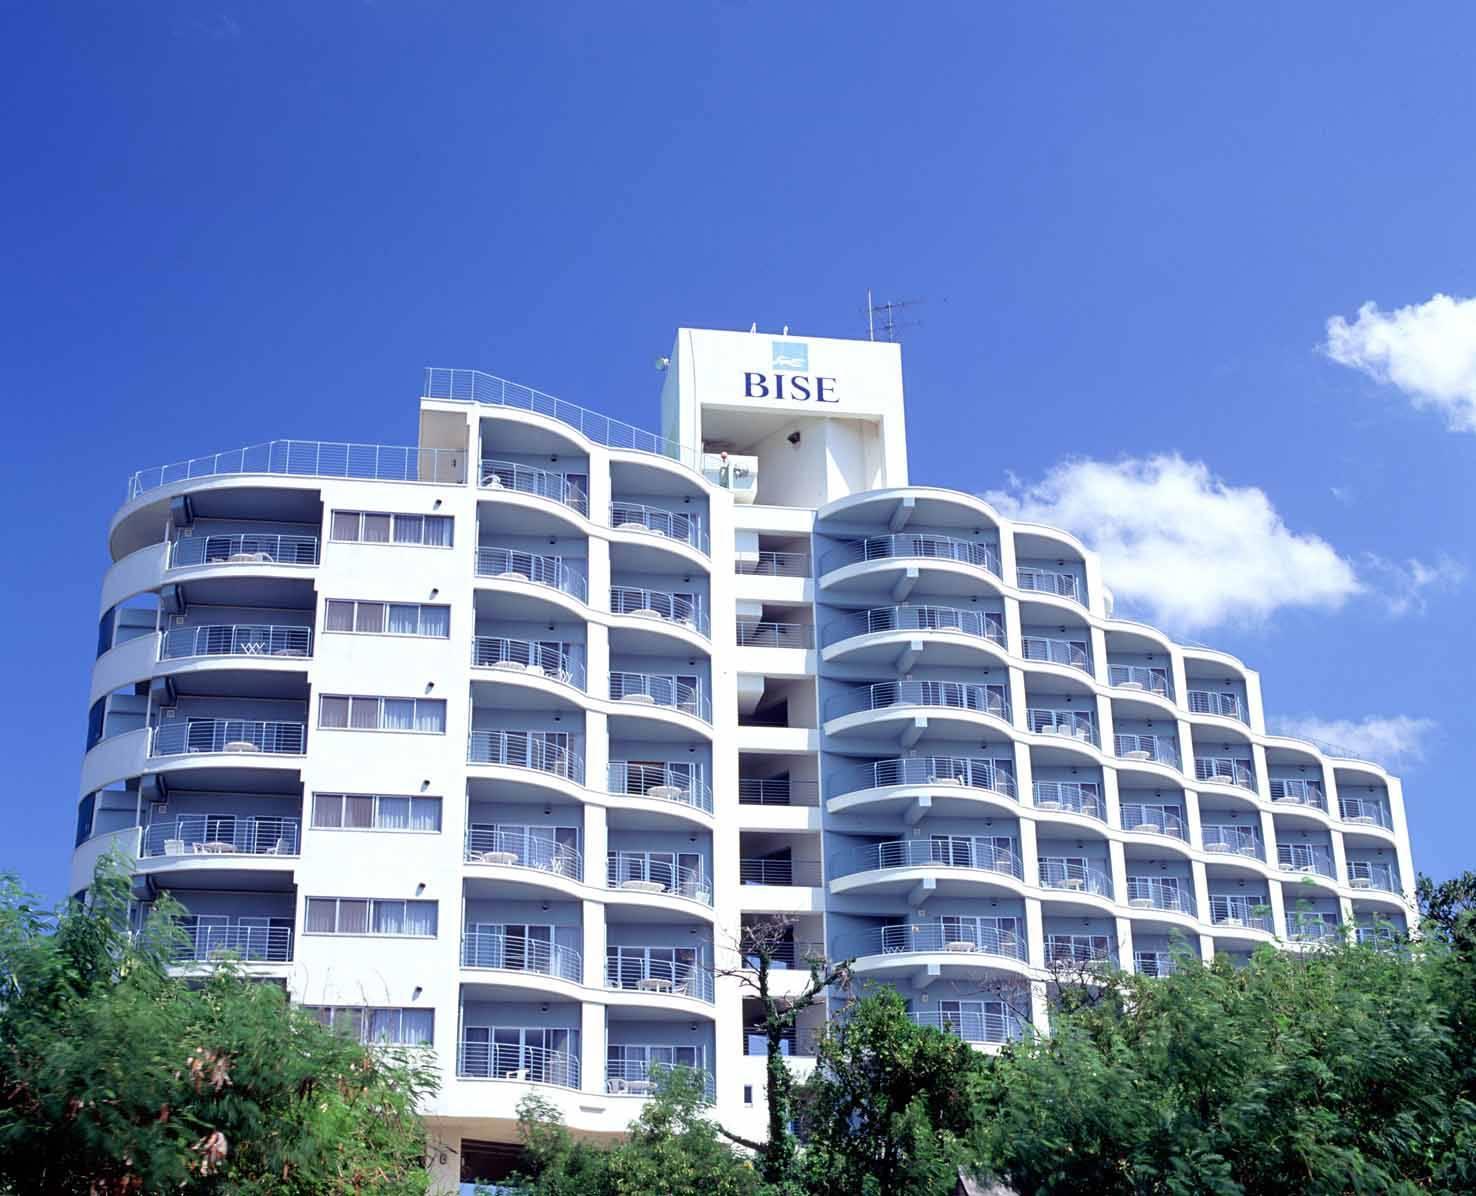 新型コロナウイルスの感染拡大防止に伴うホテル臨時休館のお知らせ